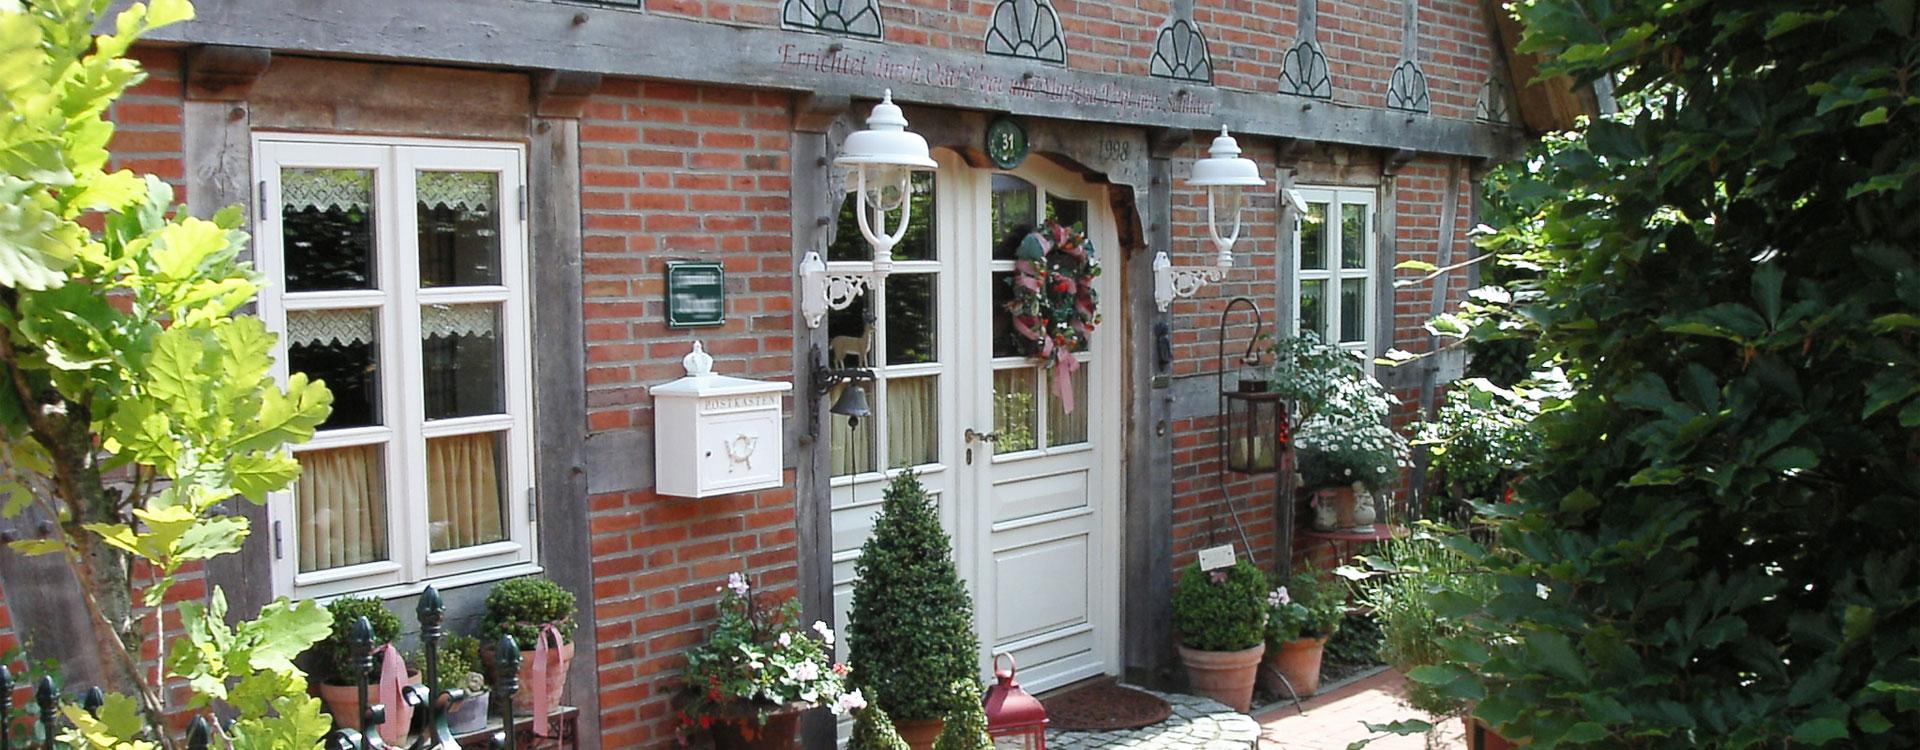 fachwerk gartenhaus selber bauen excellent fr gartenhaus gewchshaus und with fachwerk. Black Bedroom Furniture Sets. Home Design Ideas